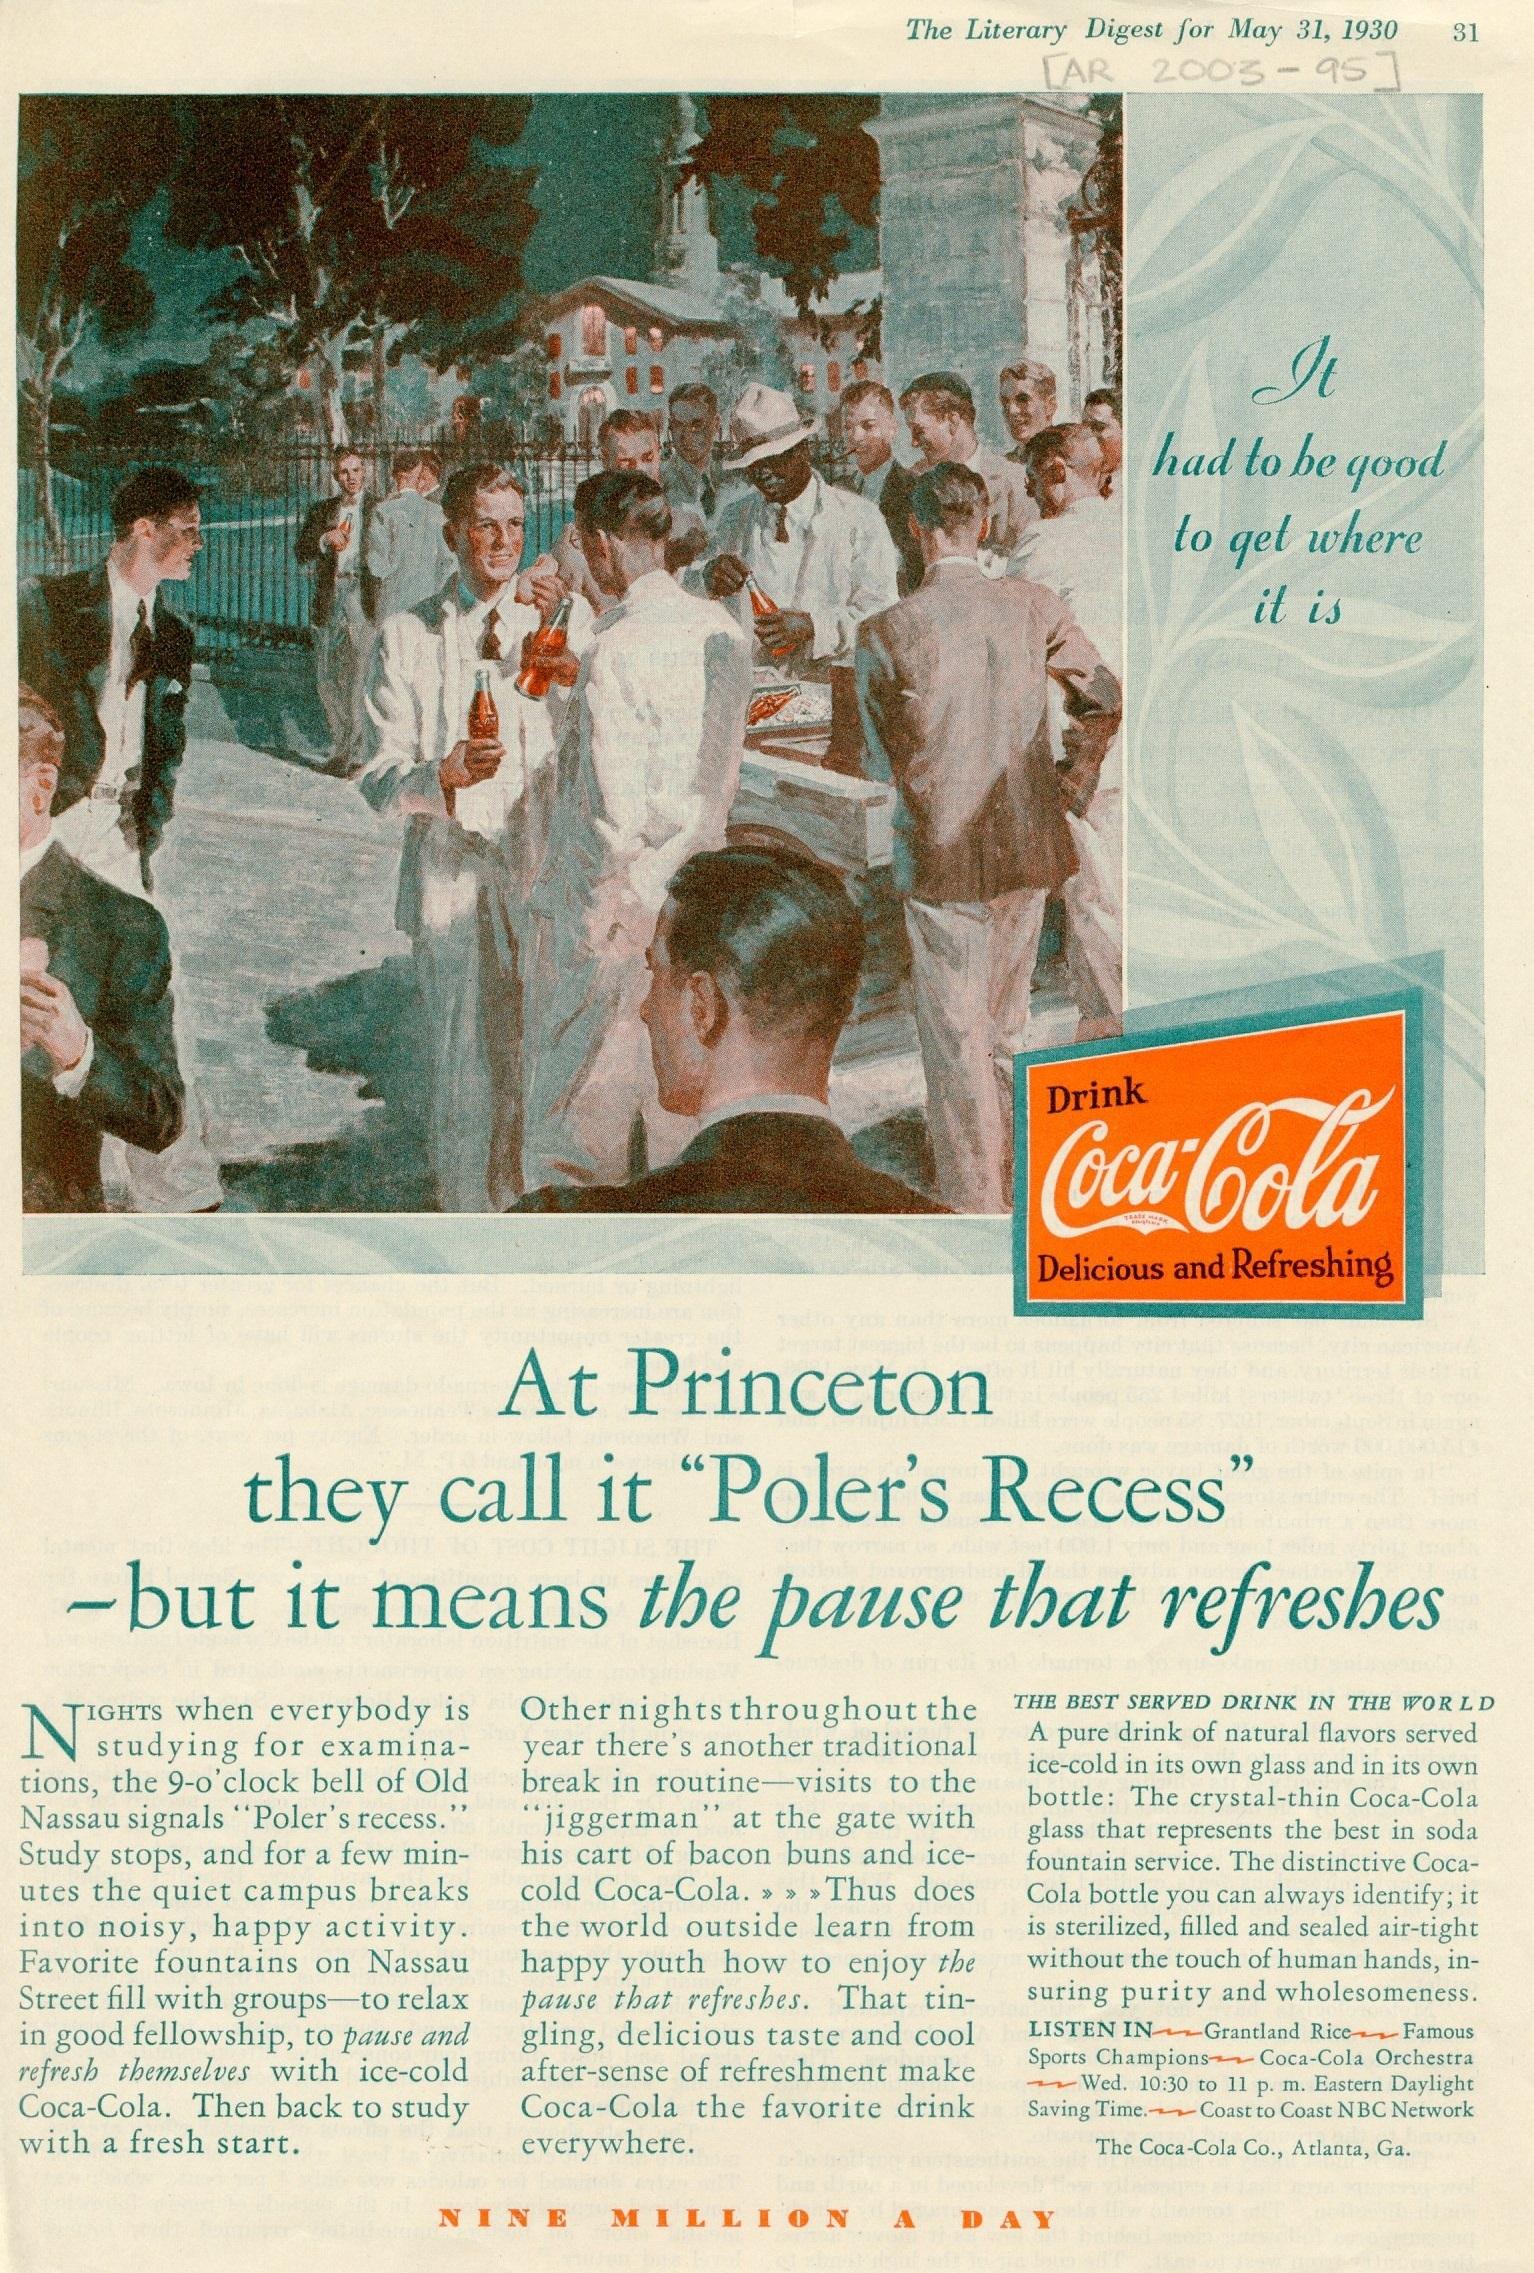 1930 Coca-Cola Ad